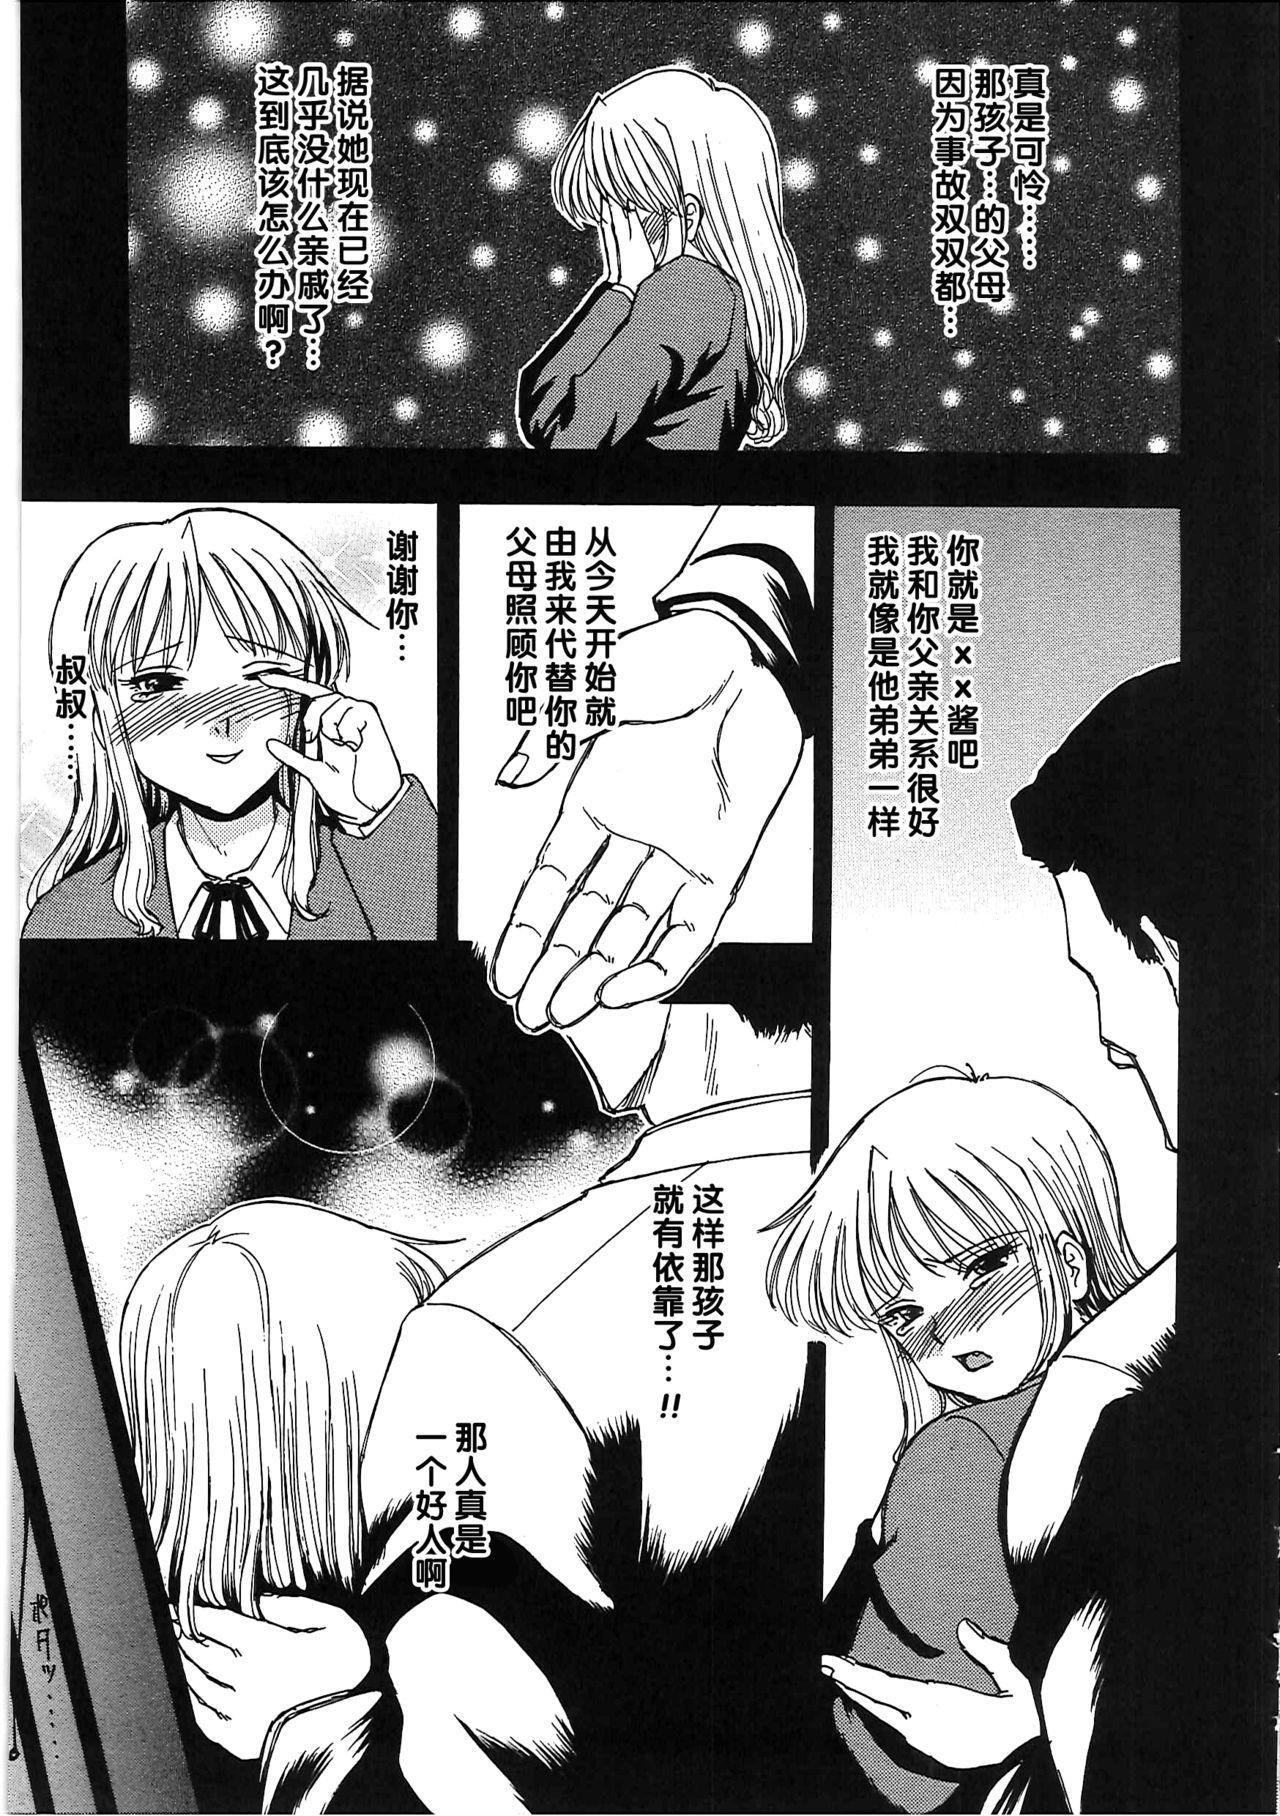 玩具姫 第二話(Chinese) 14